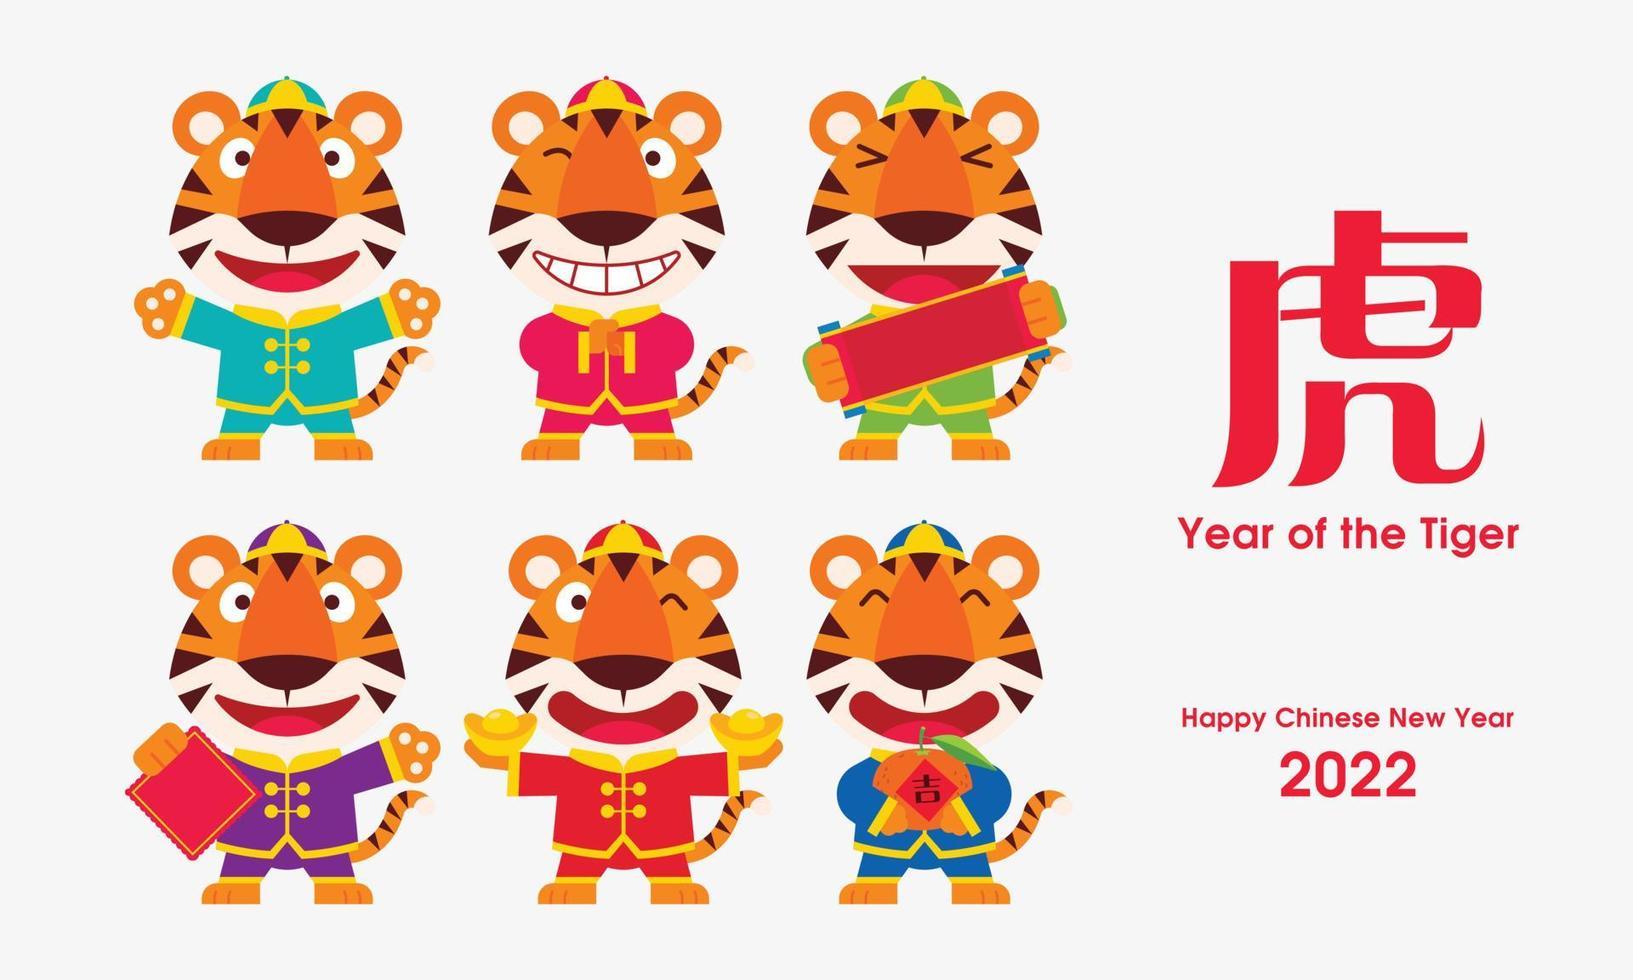 feliz ano novo chinês 2022. cartoon bonito tigre cravejado de cara engraçada vestindo traje tradicional chinês. ano do tigre vetor